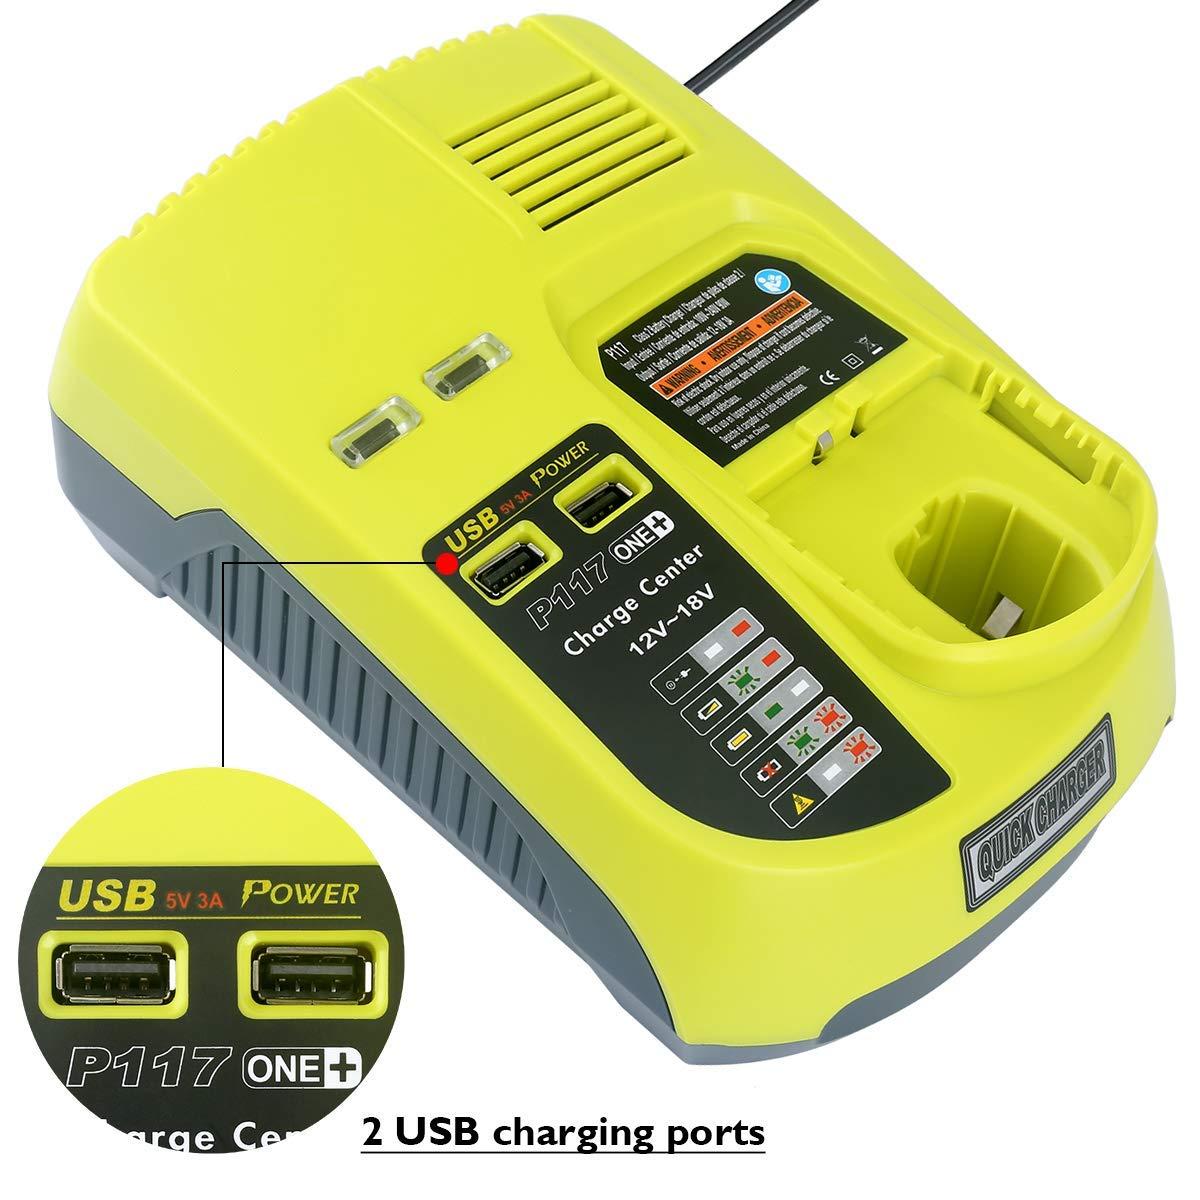 Para ryobi um + 18 v 6.0ah li ion bateria recarregável p108 + novo carregador p117 para ryobi 9.6 v 18 v ni cad ni mh li ion bateria - 6